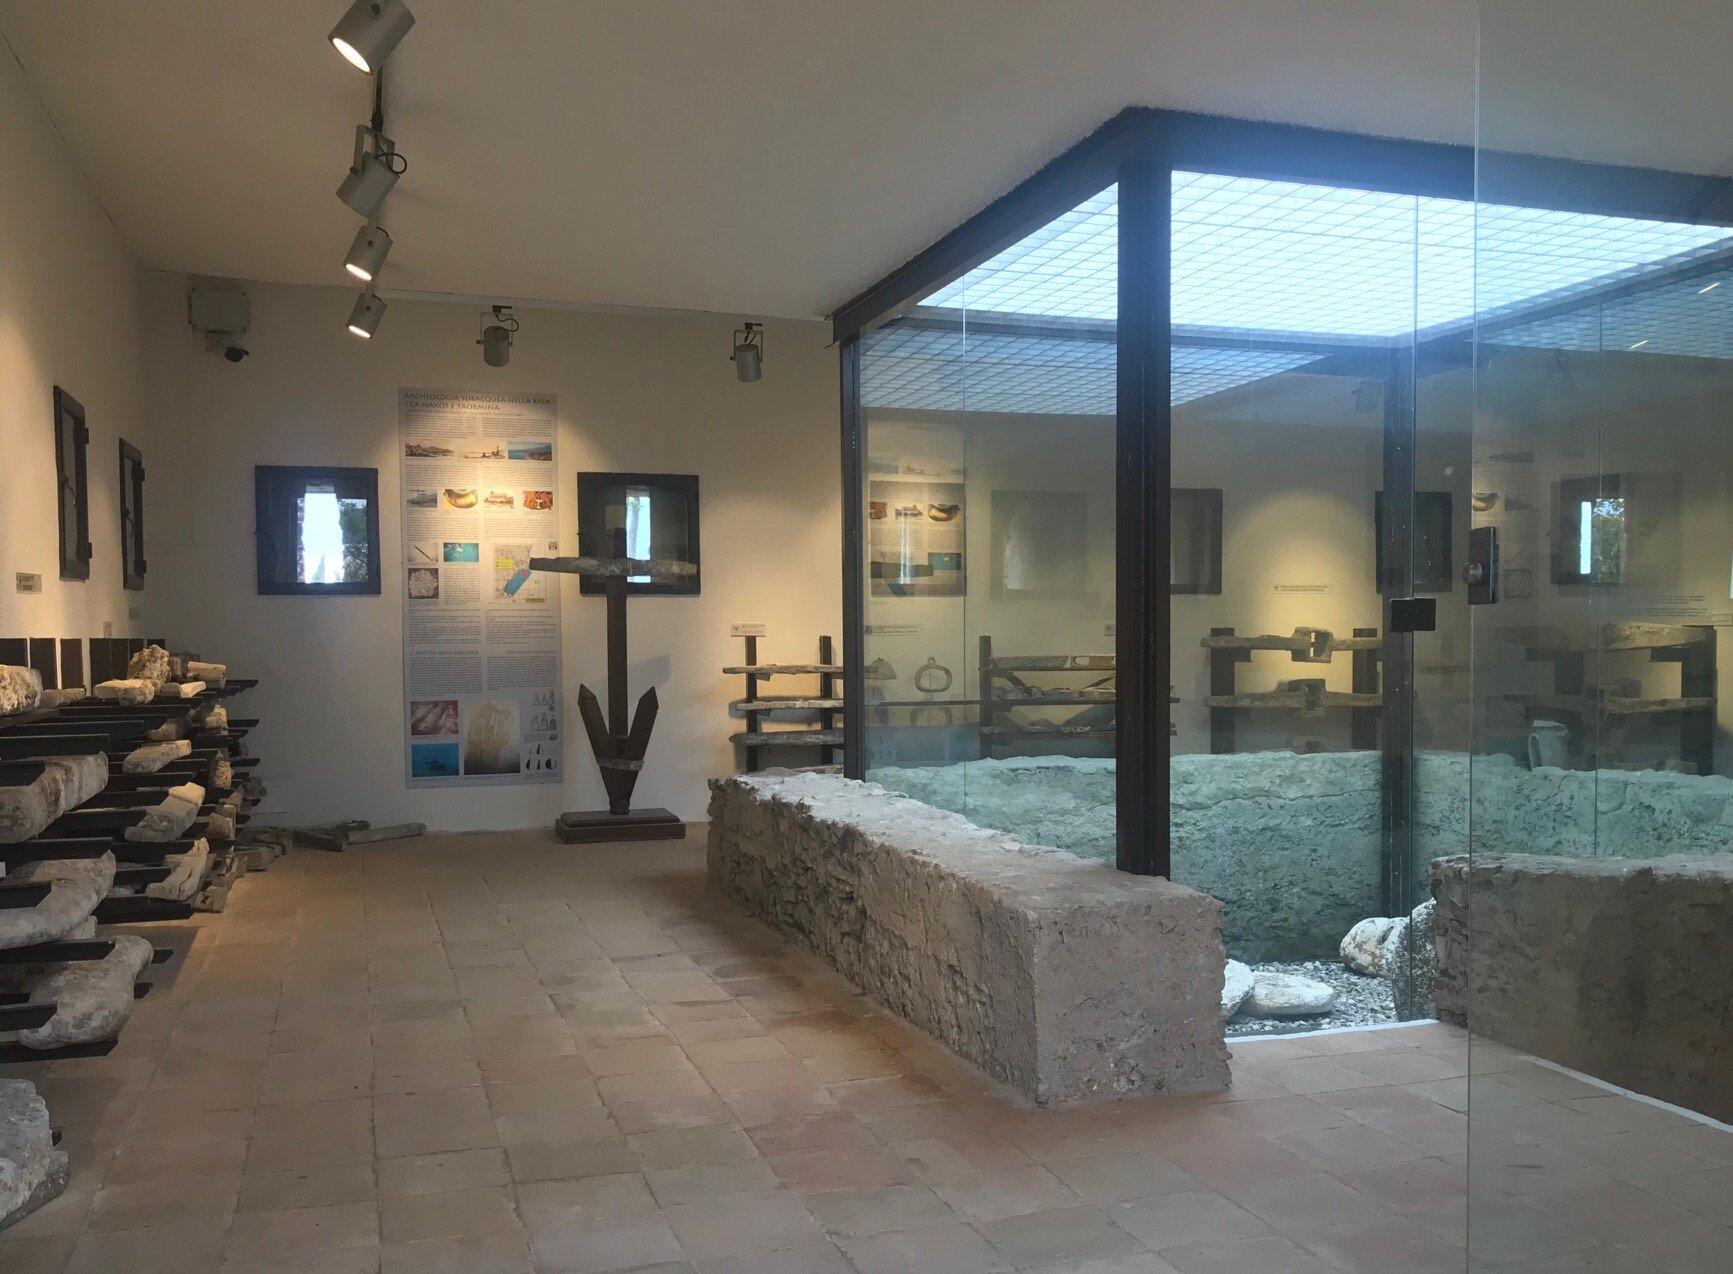 VI Convegno Nazionale di Archeologia Subacquea - Il ricordo di Tusa